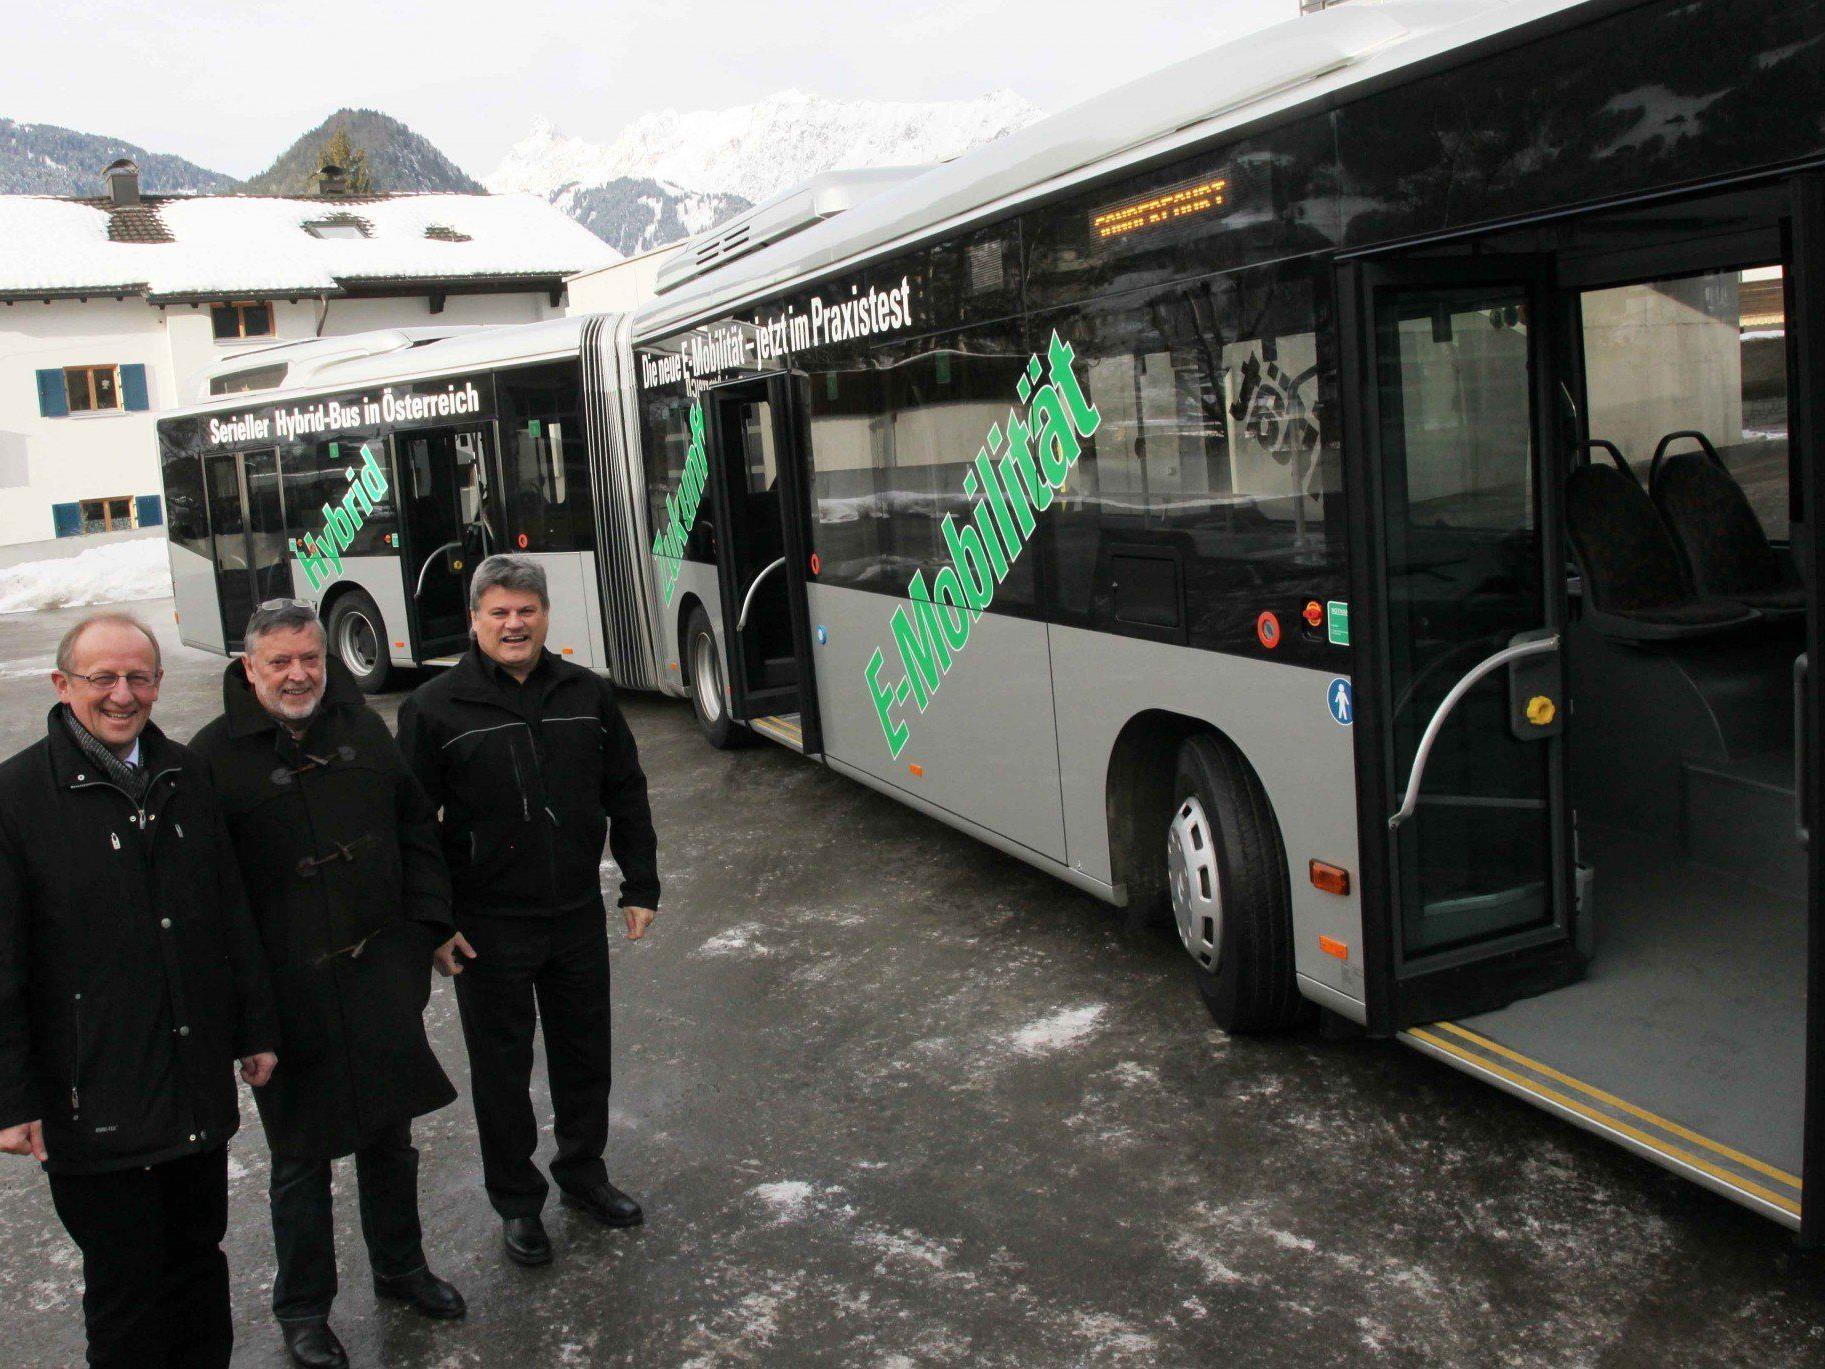 mbs-Chef Bertram Luger mit Aufsichtsrats-Vorsitzendem Rudi Lerch und Bus-Betriebsleiter Gebhard Schoder (v. l.) vor dem 18-Meter-Hybrid-Bus.